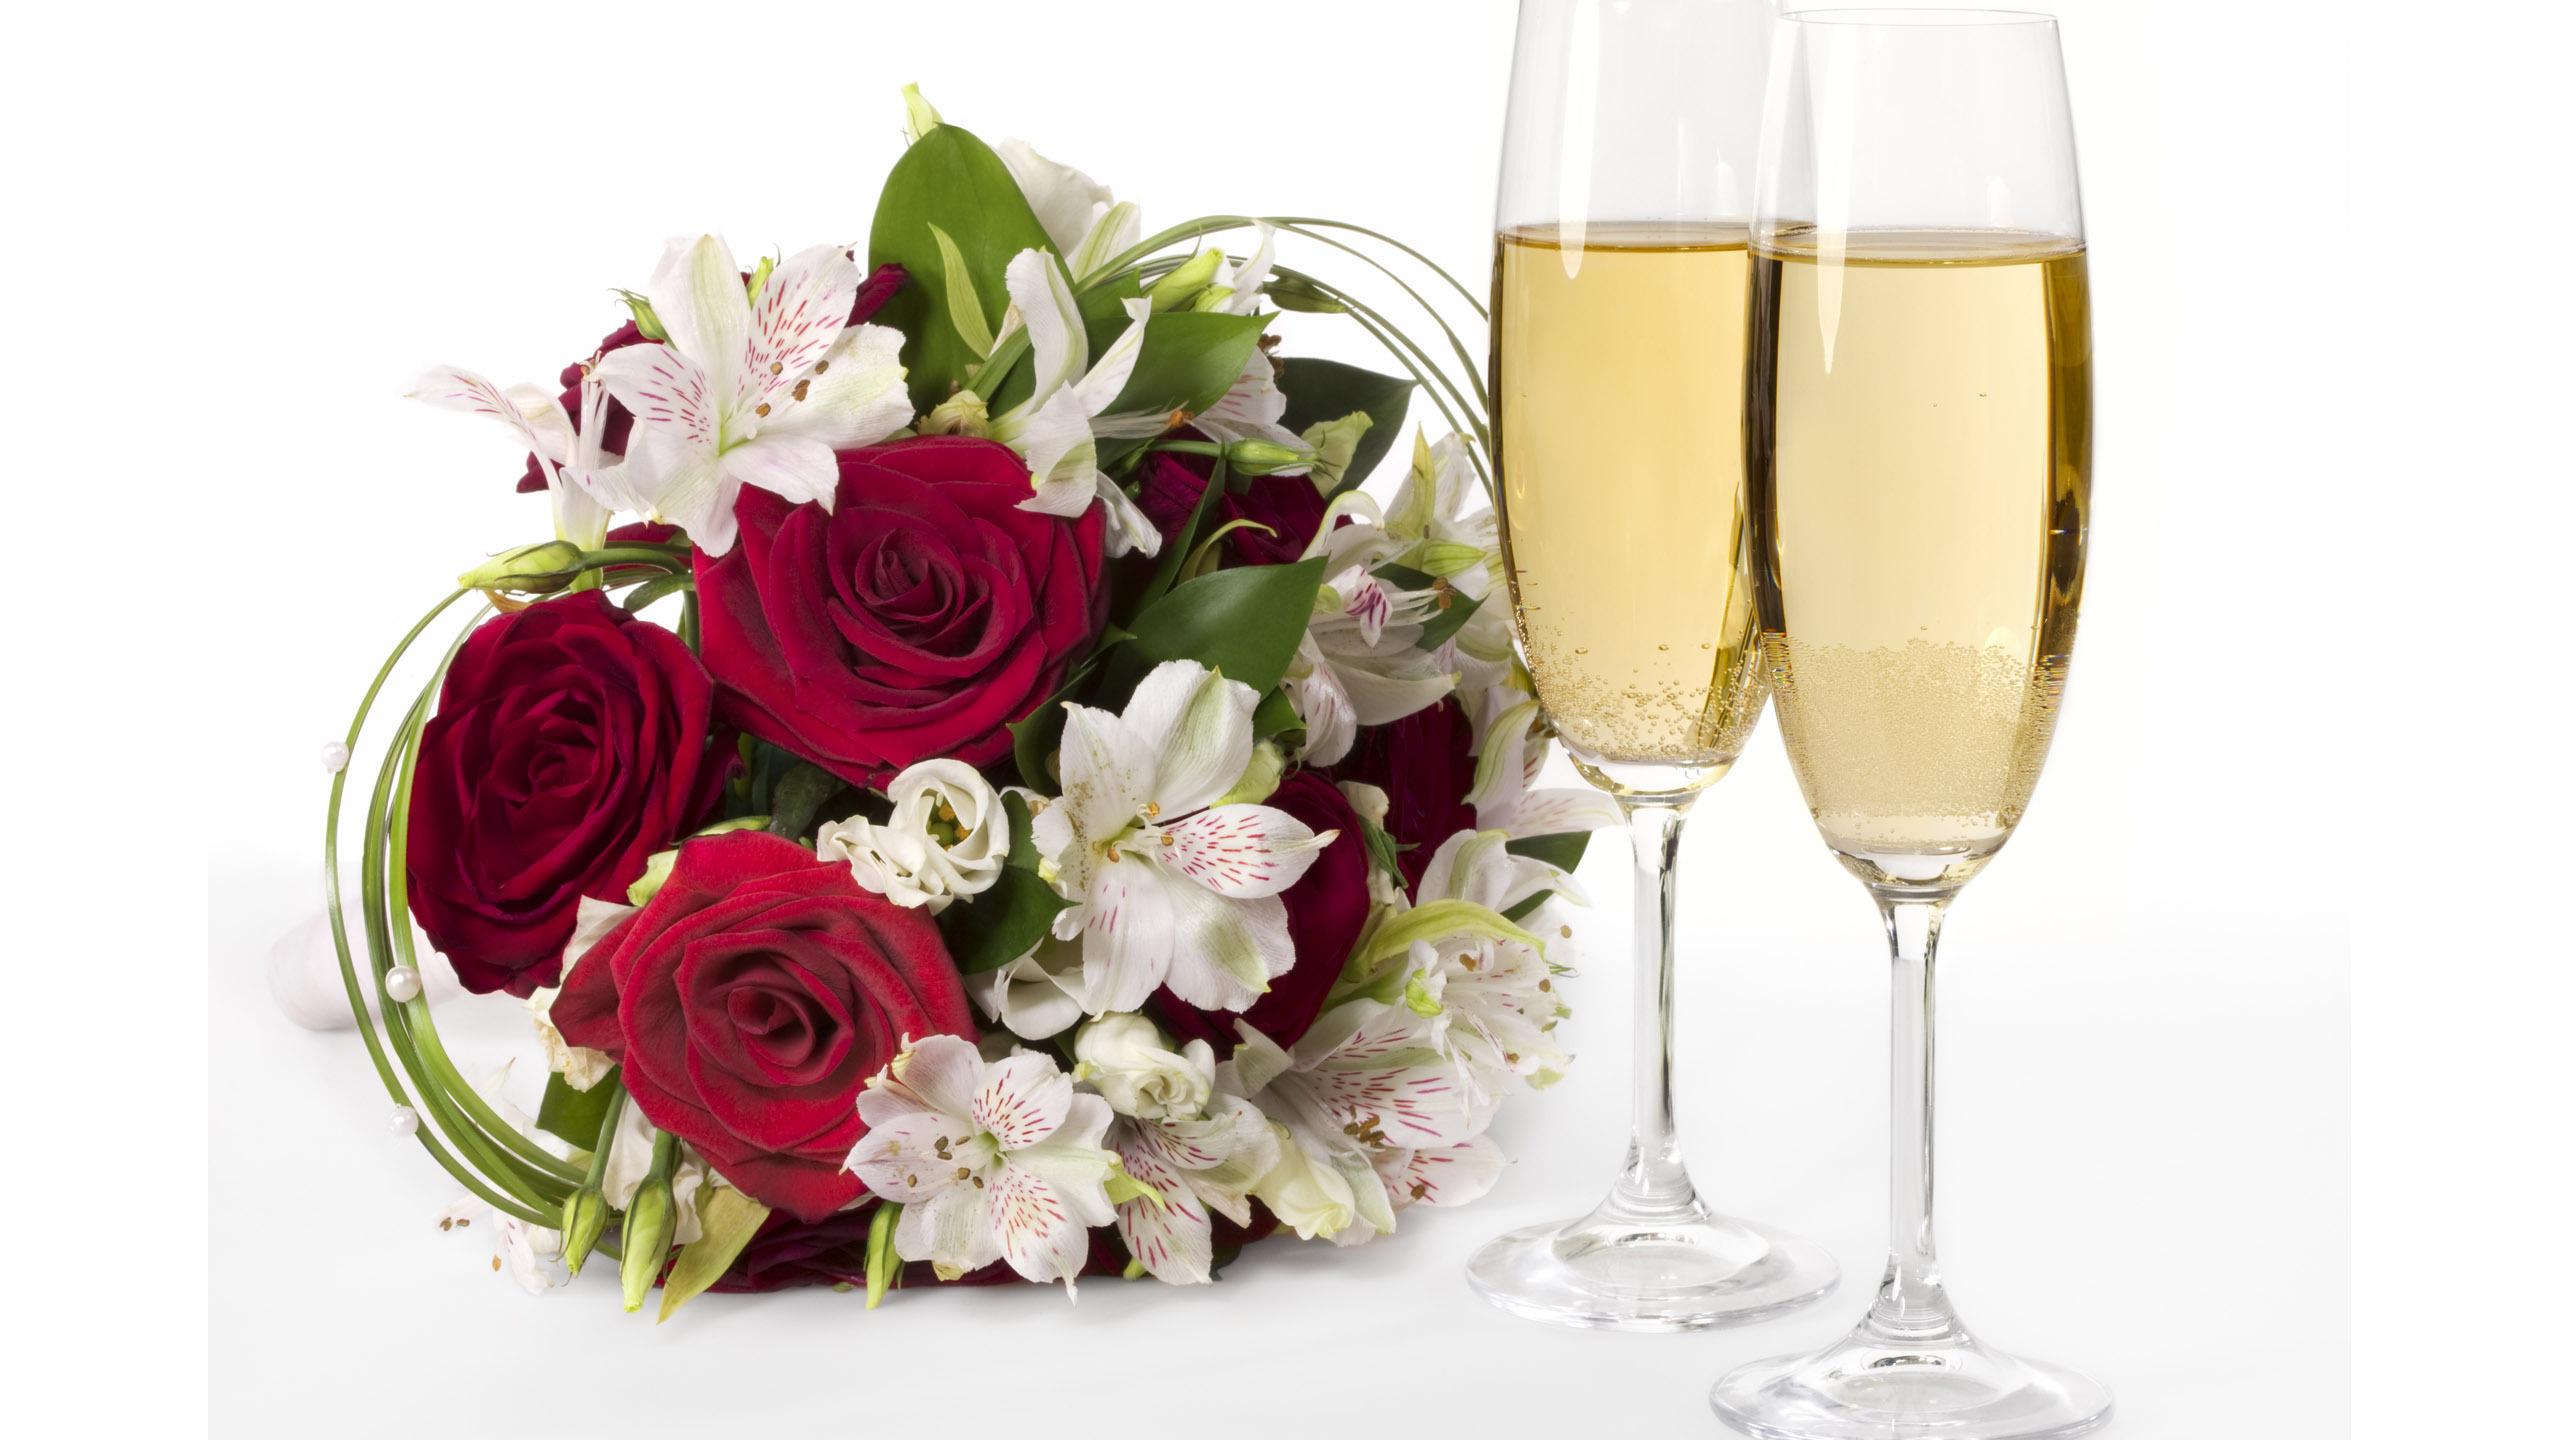 Картинки с днем рождения цветы и шампанское, днем рождения